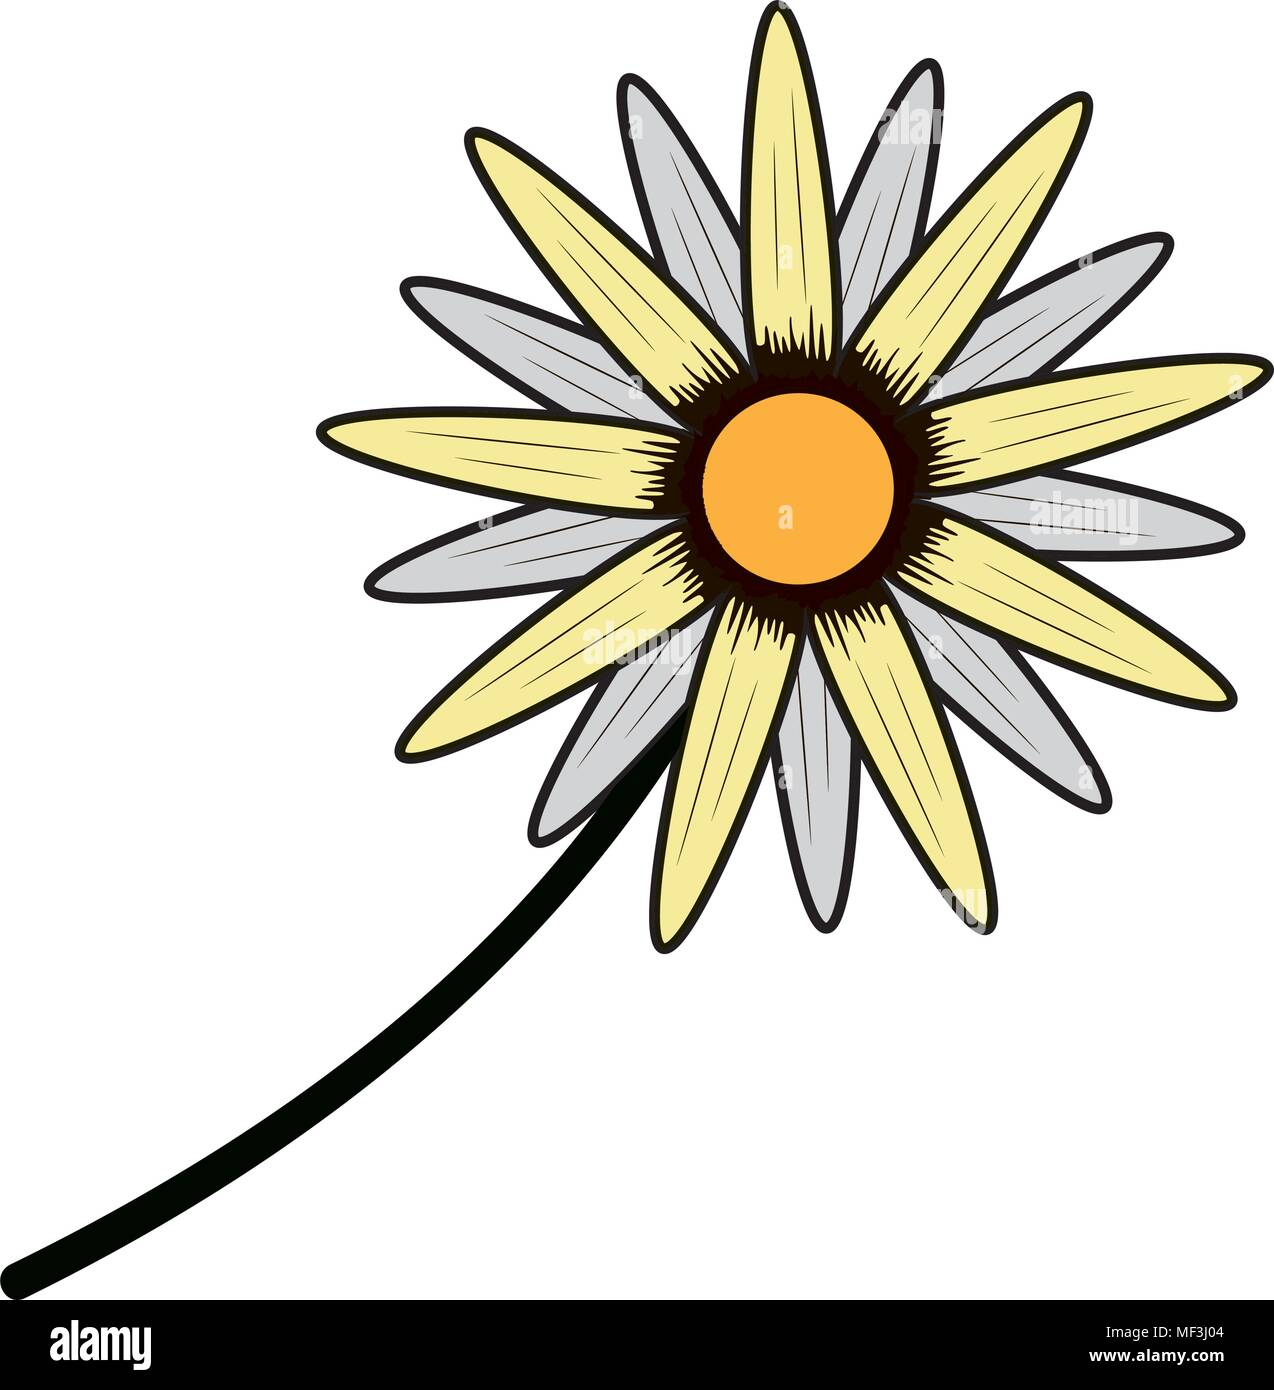 Großartig Blumennahrung Färbung Ideen - Malvorlagen Von Tieren ...